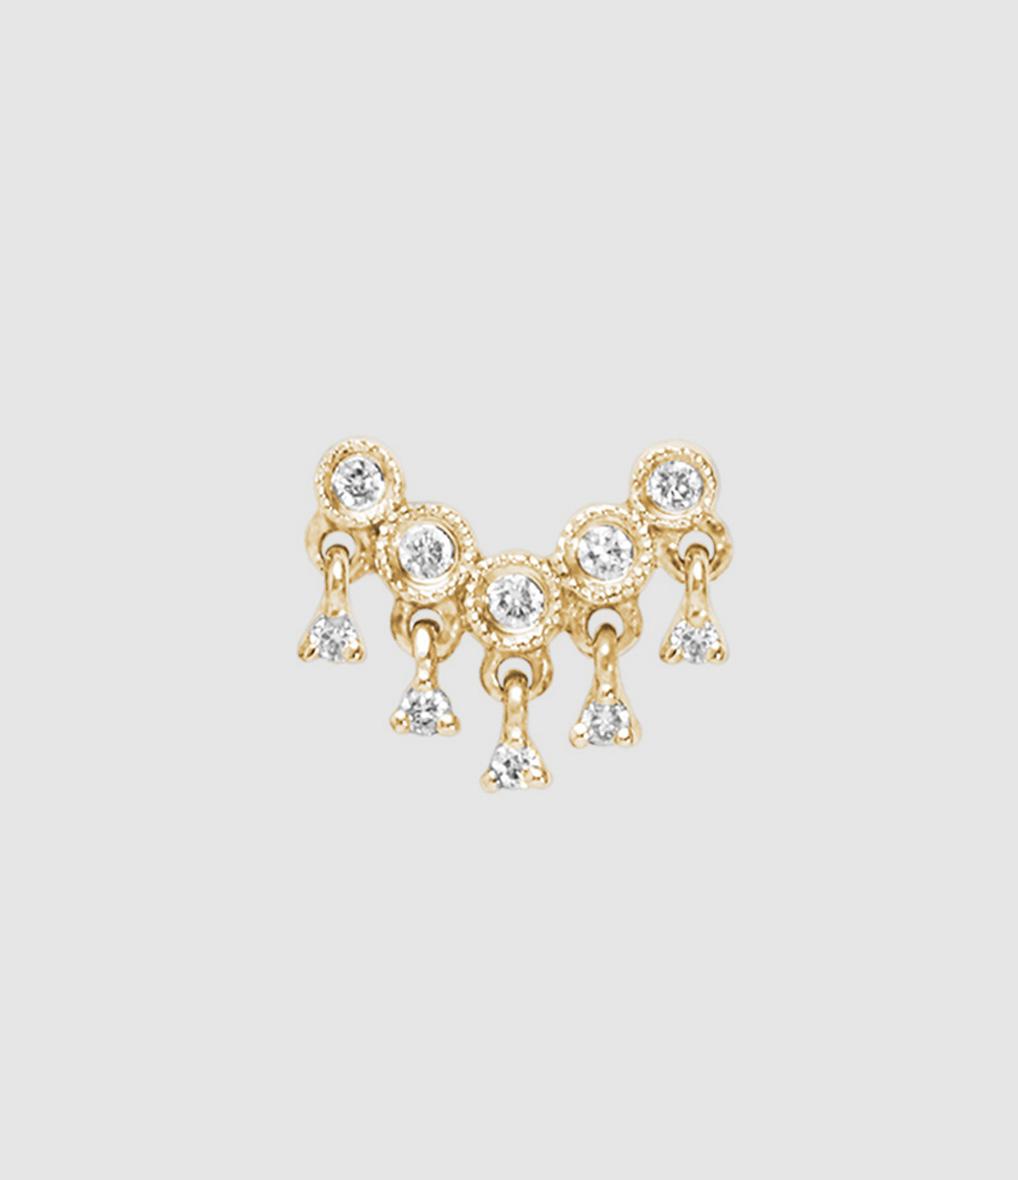 Boucle d'oreille Bouton Talitha Diamants (vendue à l'unité)